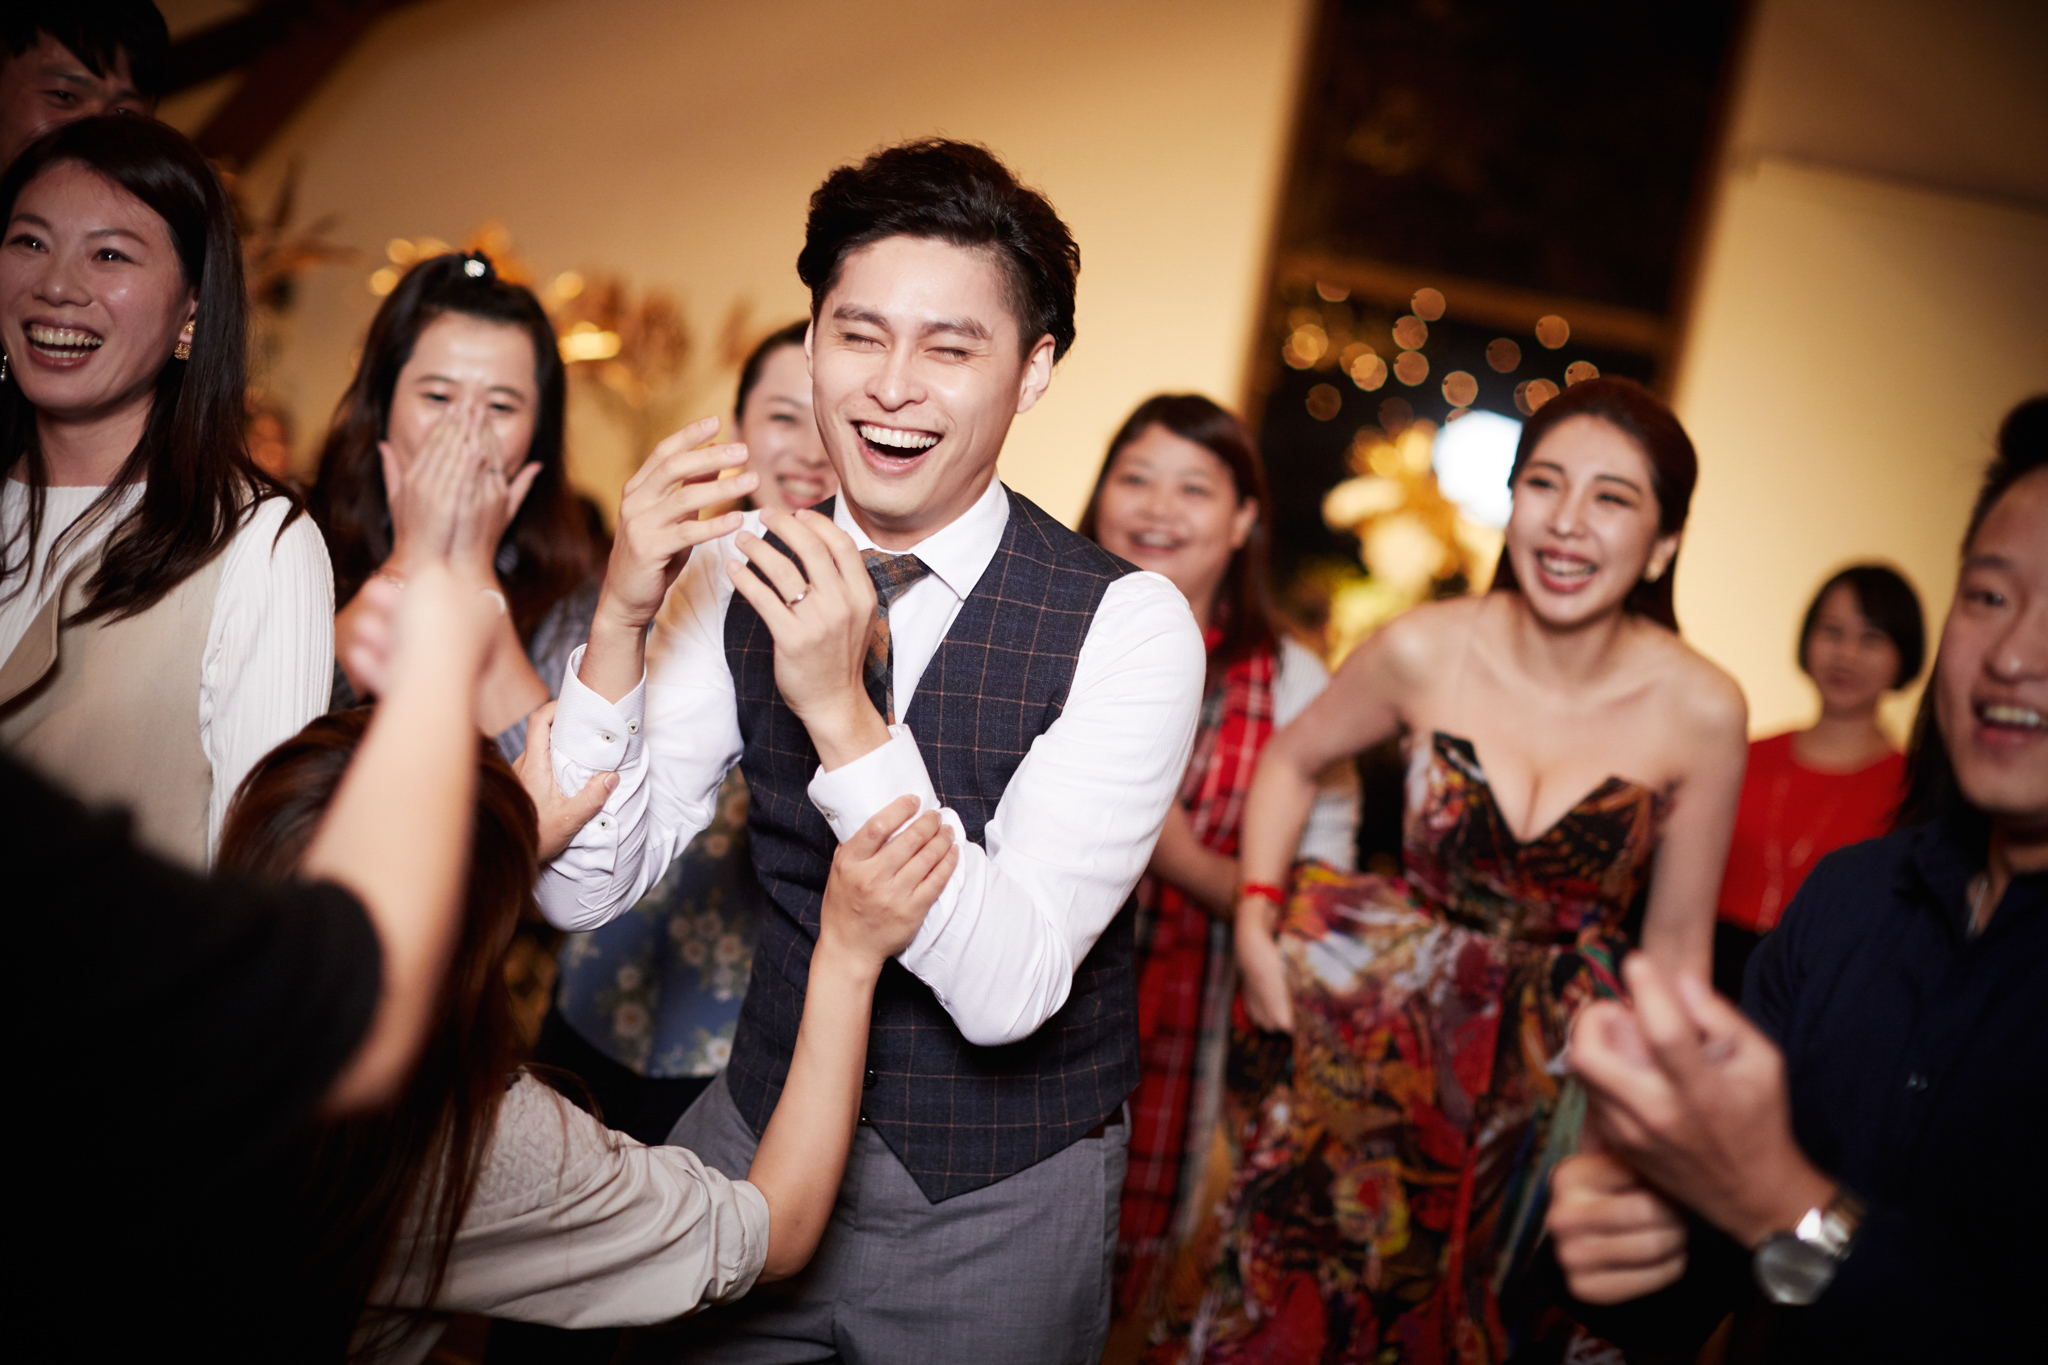 顏牧牧場婚禮, 婚攝推薦,台中婚攝,後院婚禮,戶外婚禮,美式婚禮-116